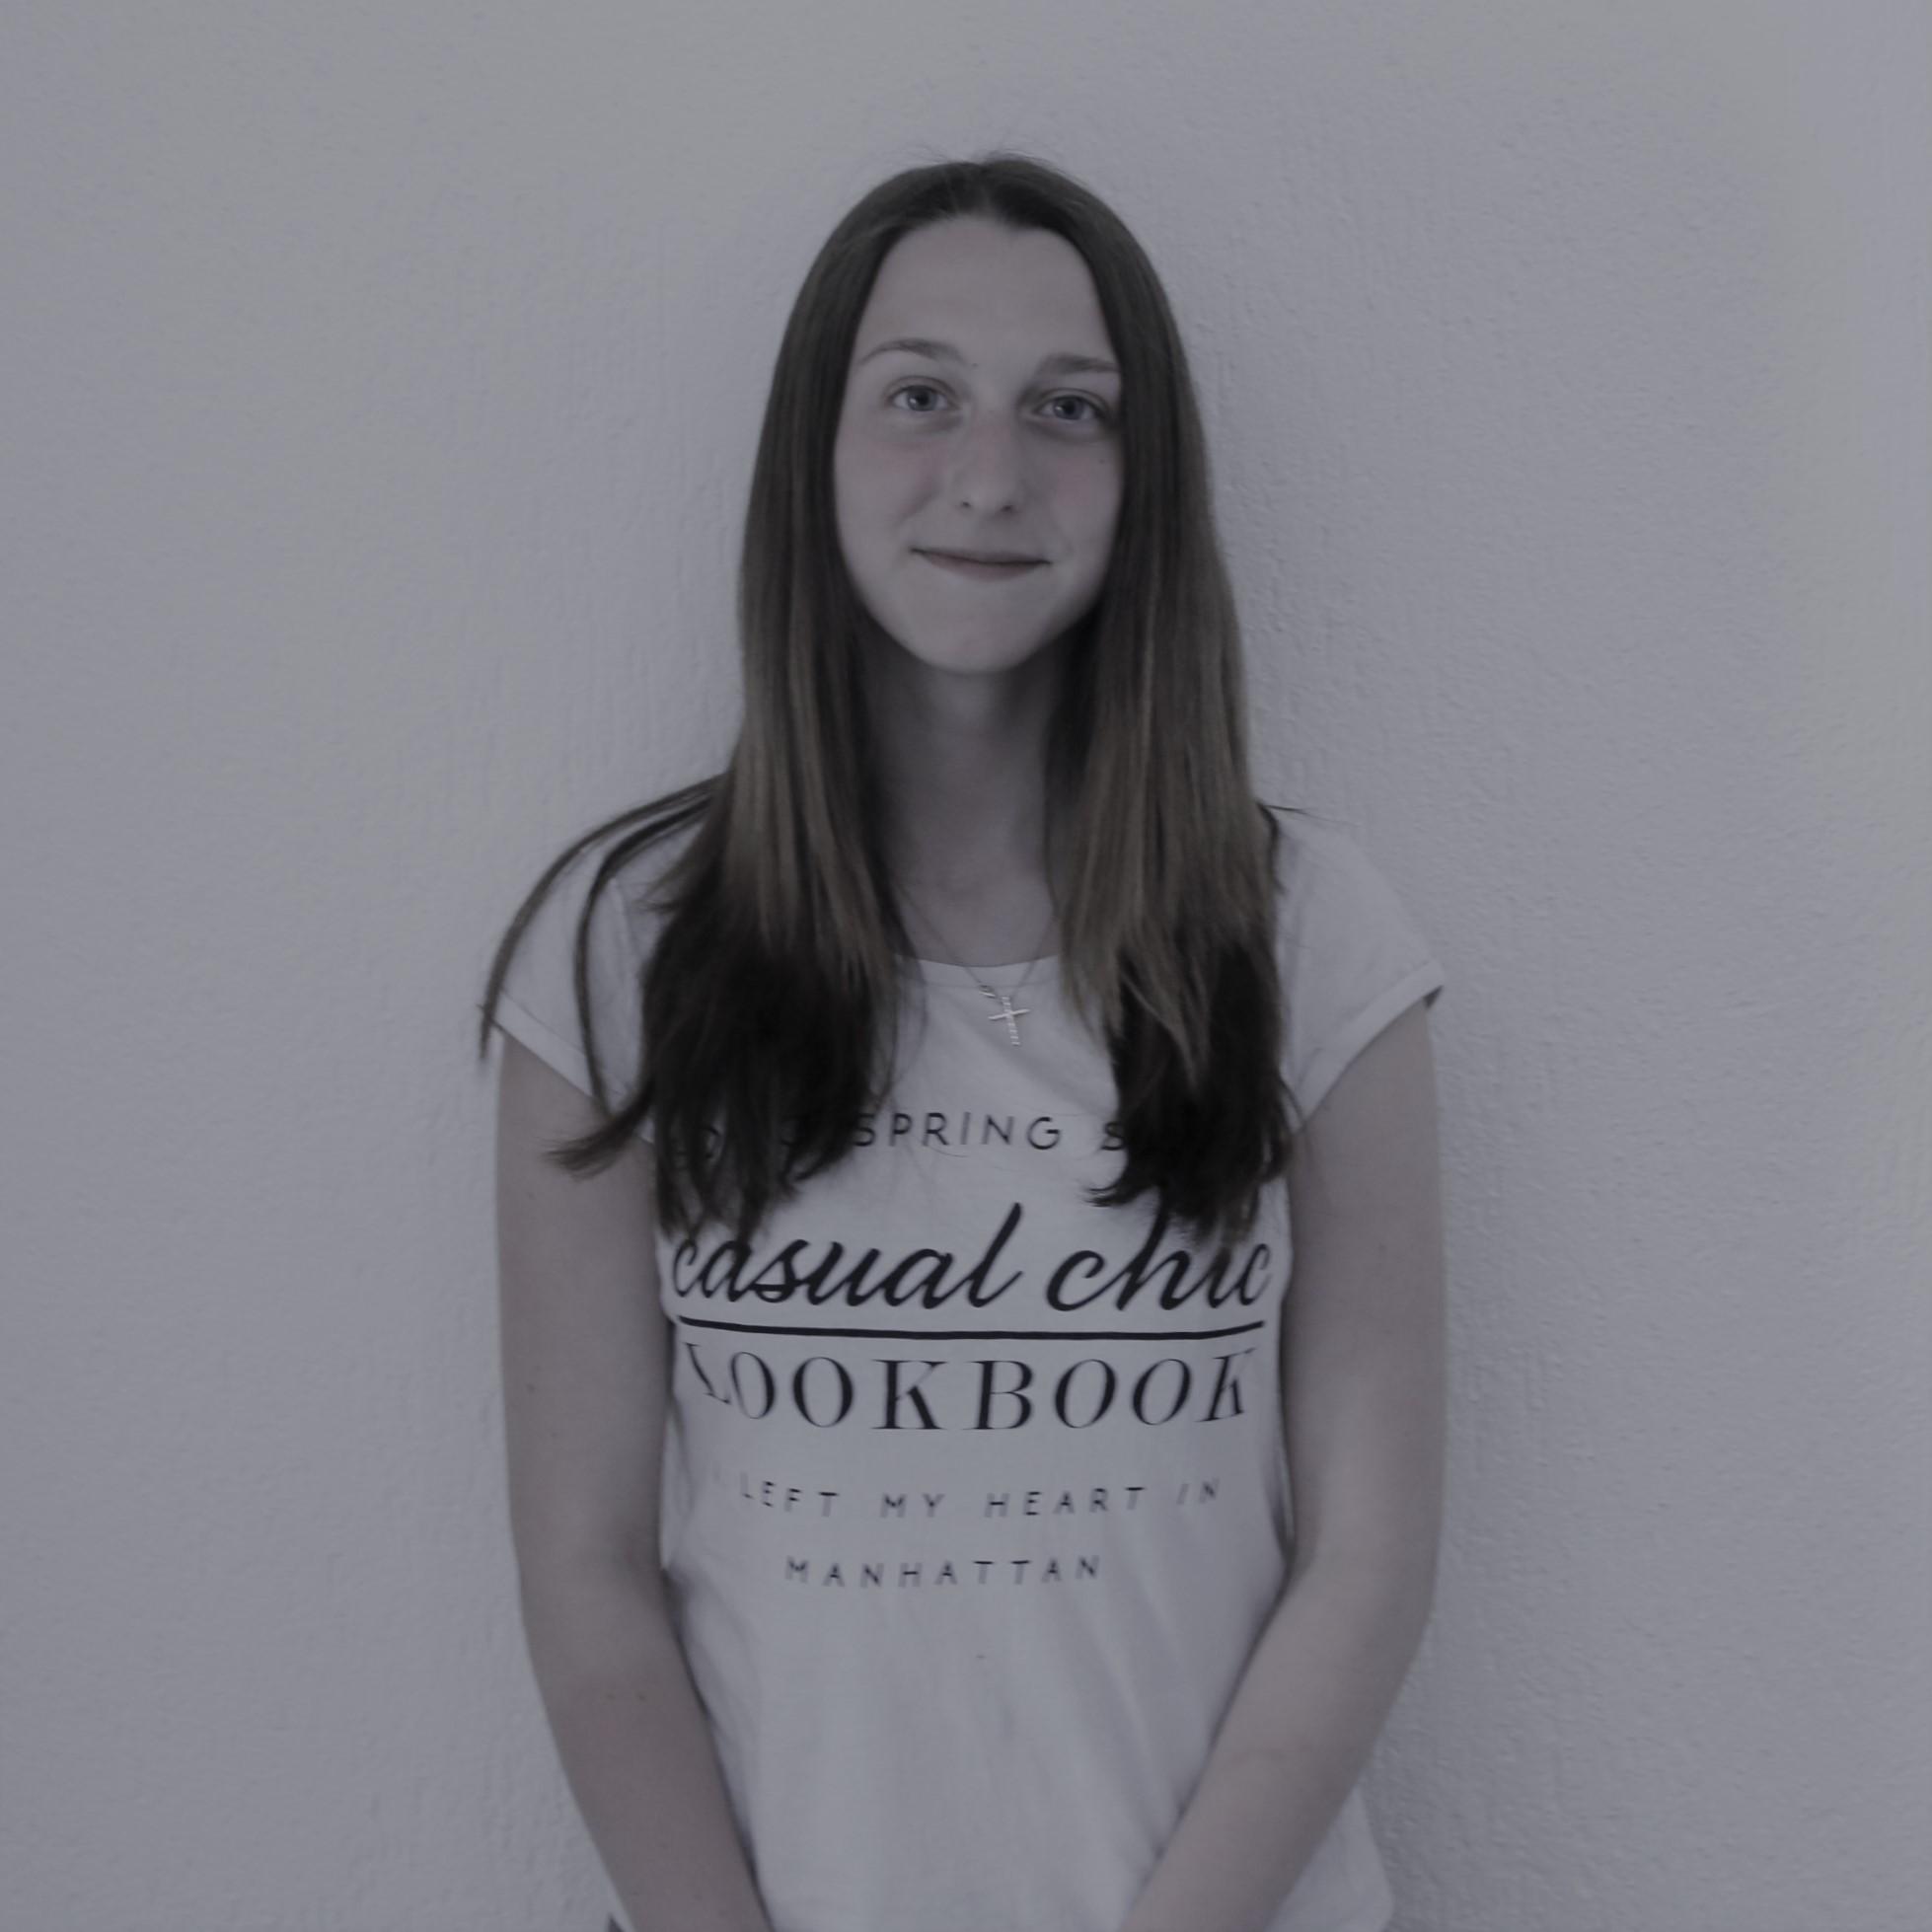 Michelle Rubel